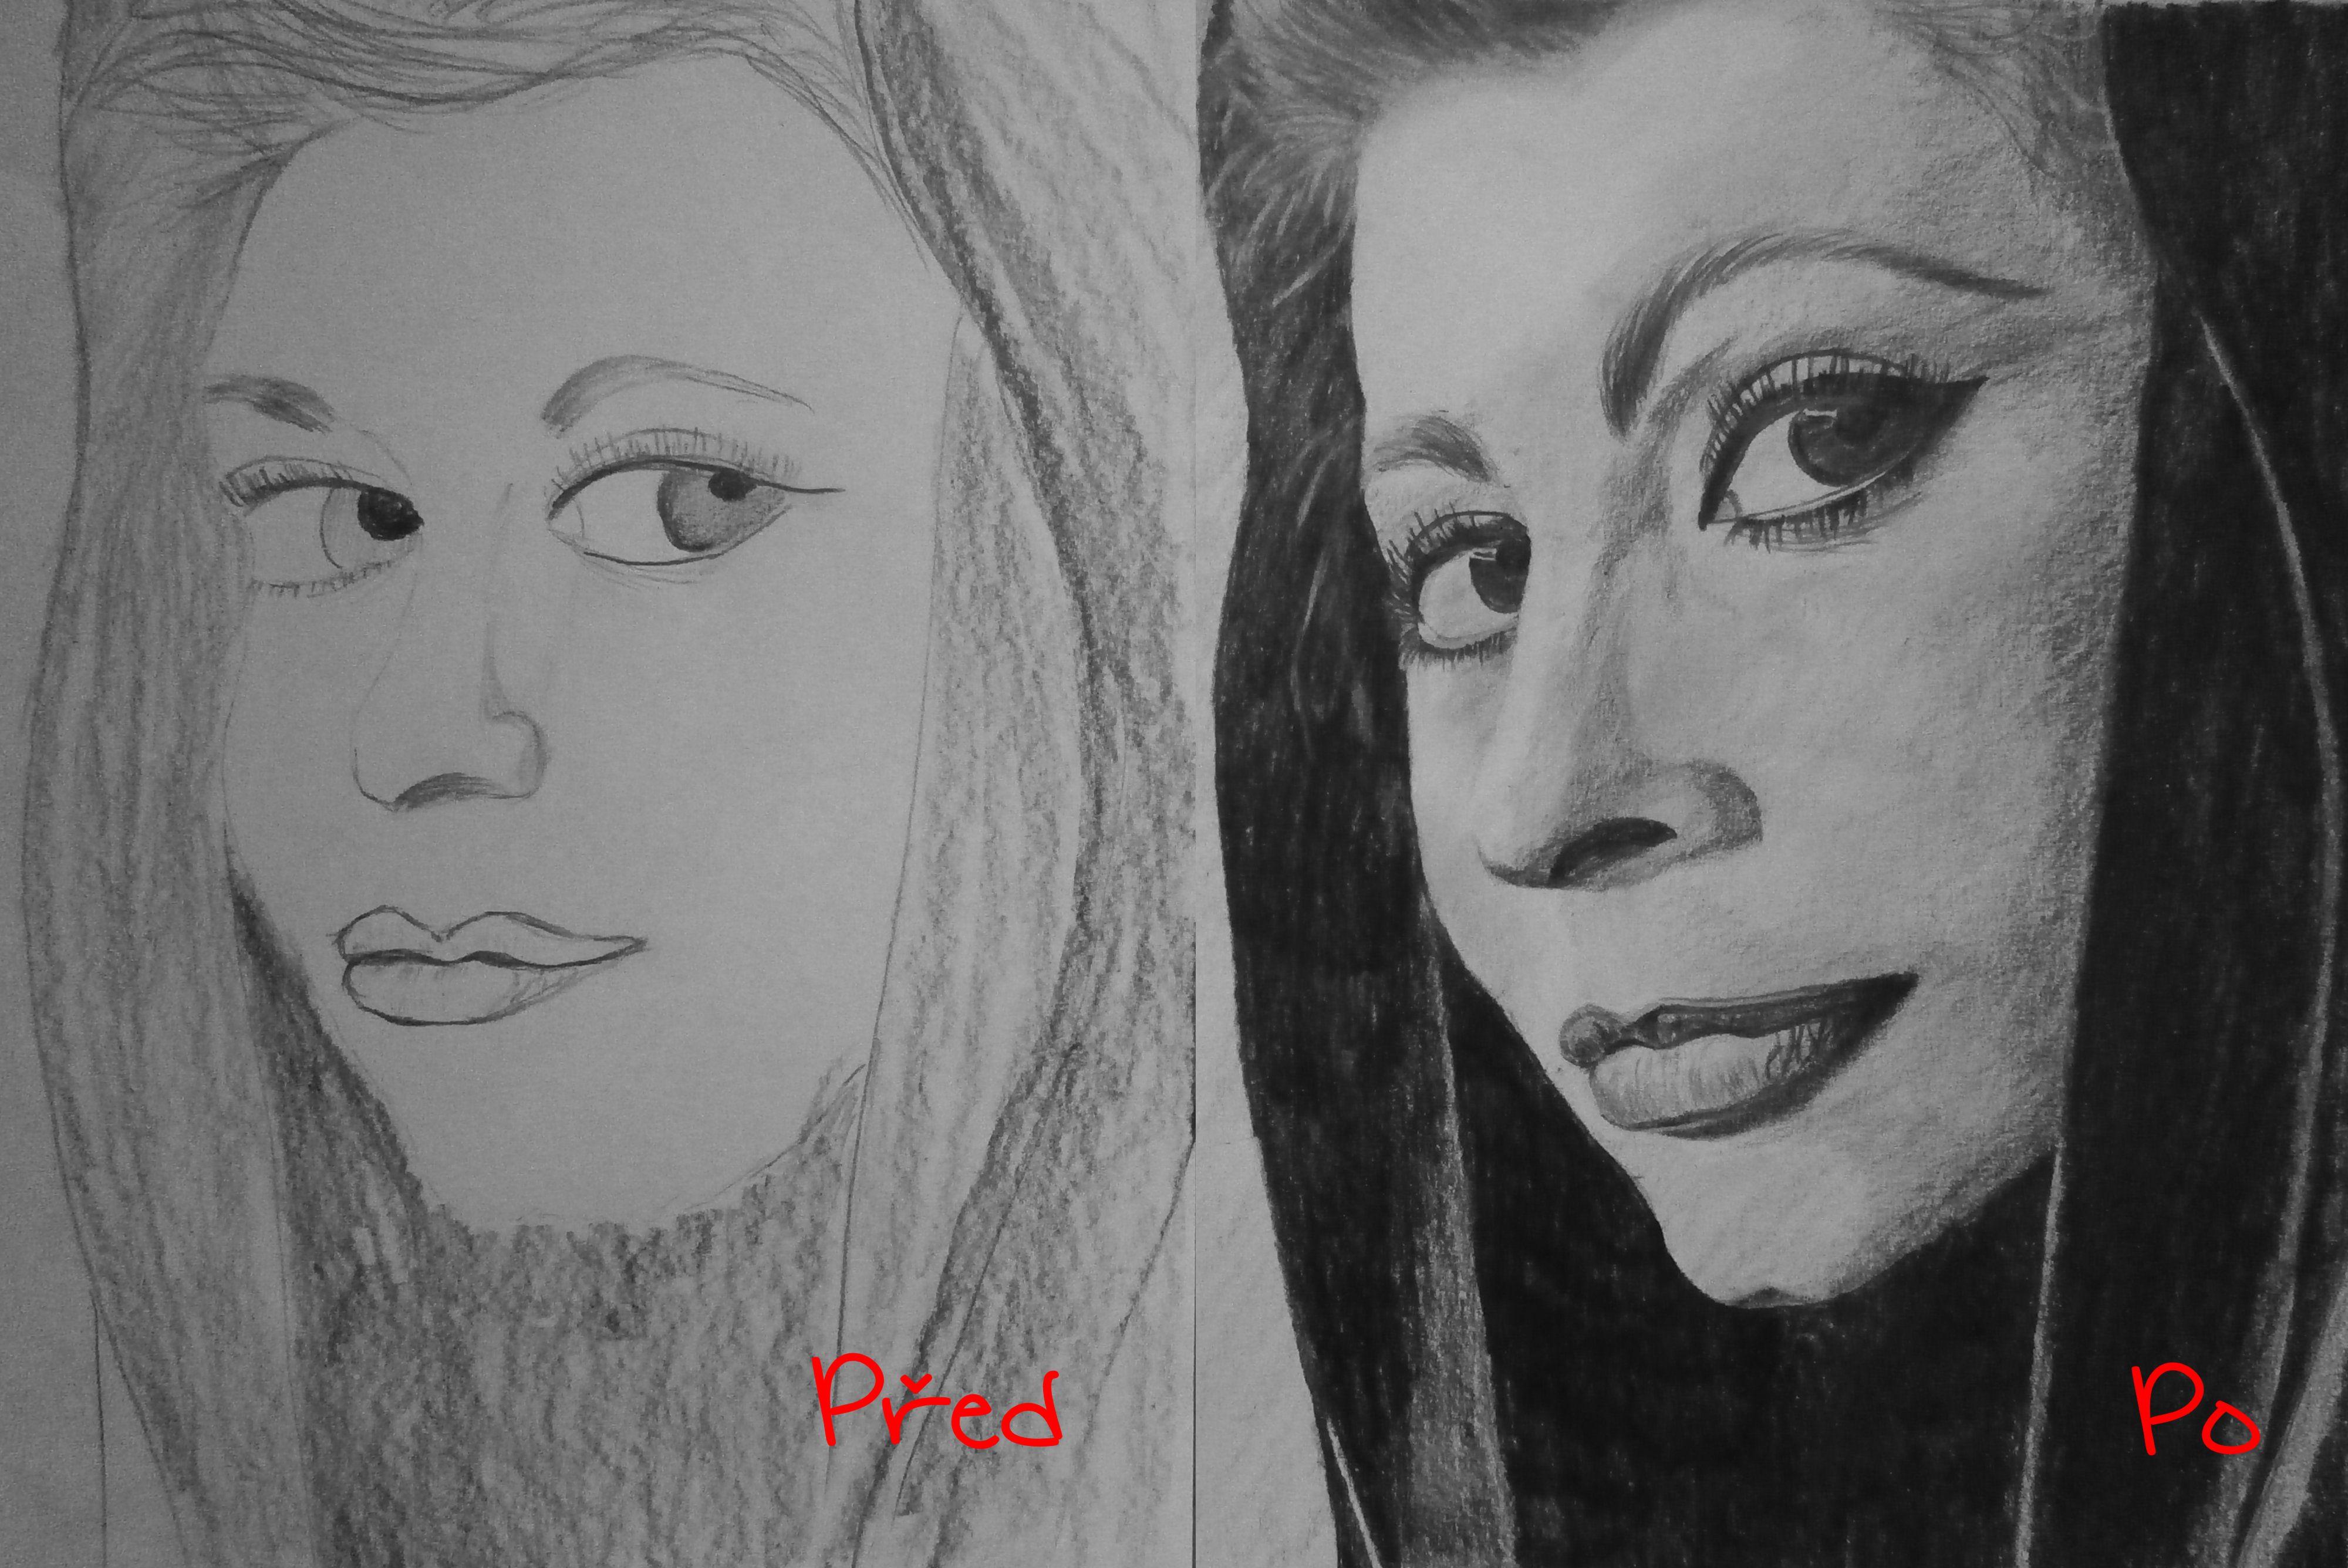 Obrázek vlevo nakreslil účastník v sobotu ráno, obrázek vpravo stejný člověk v neděli.